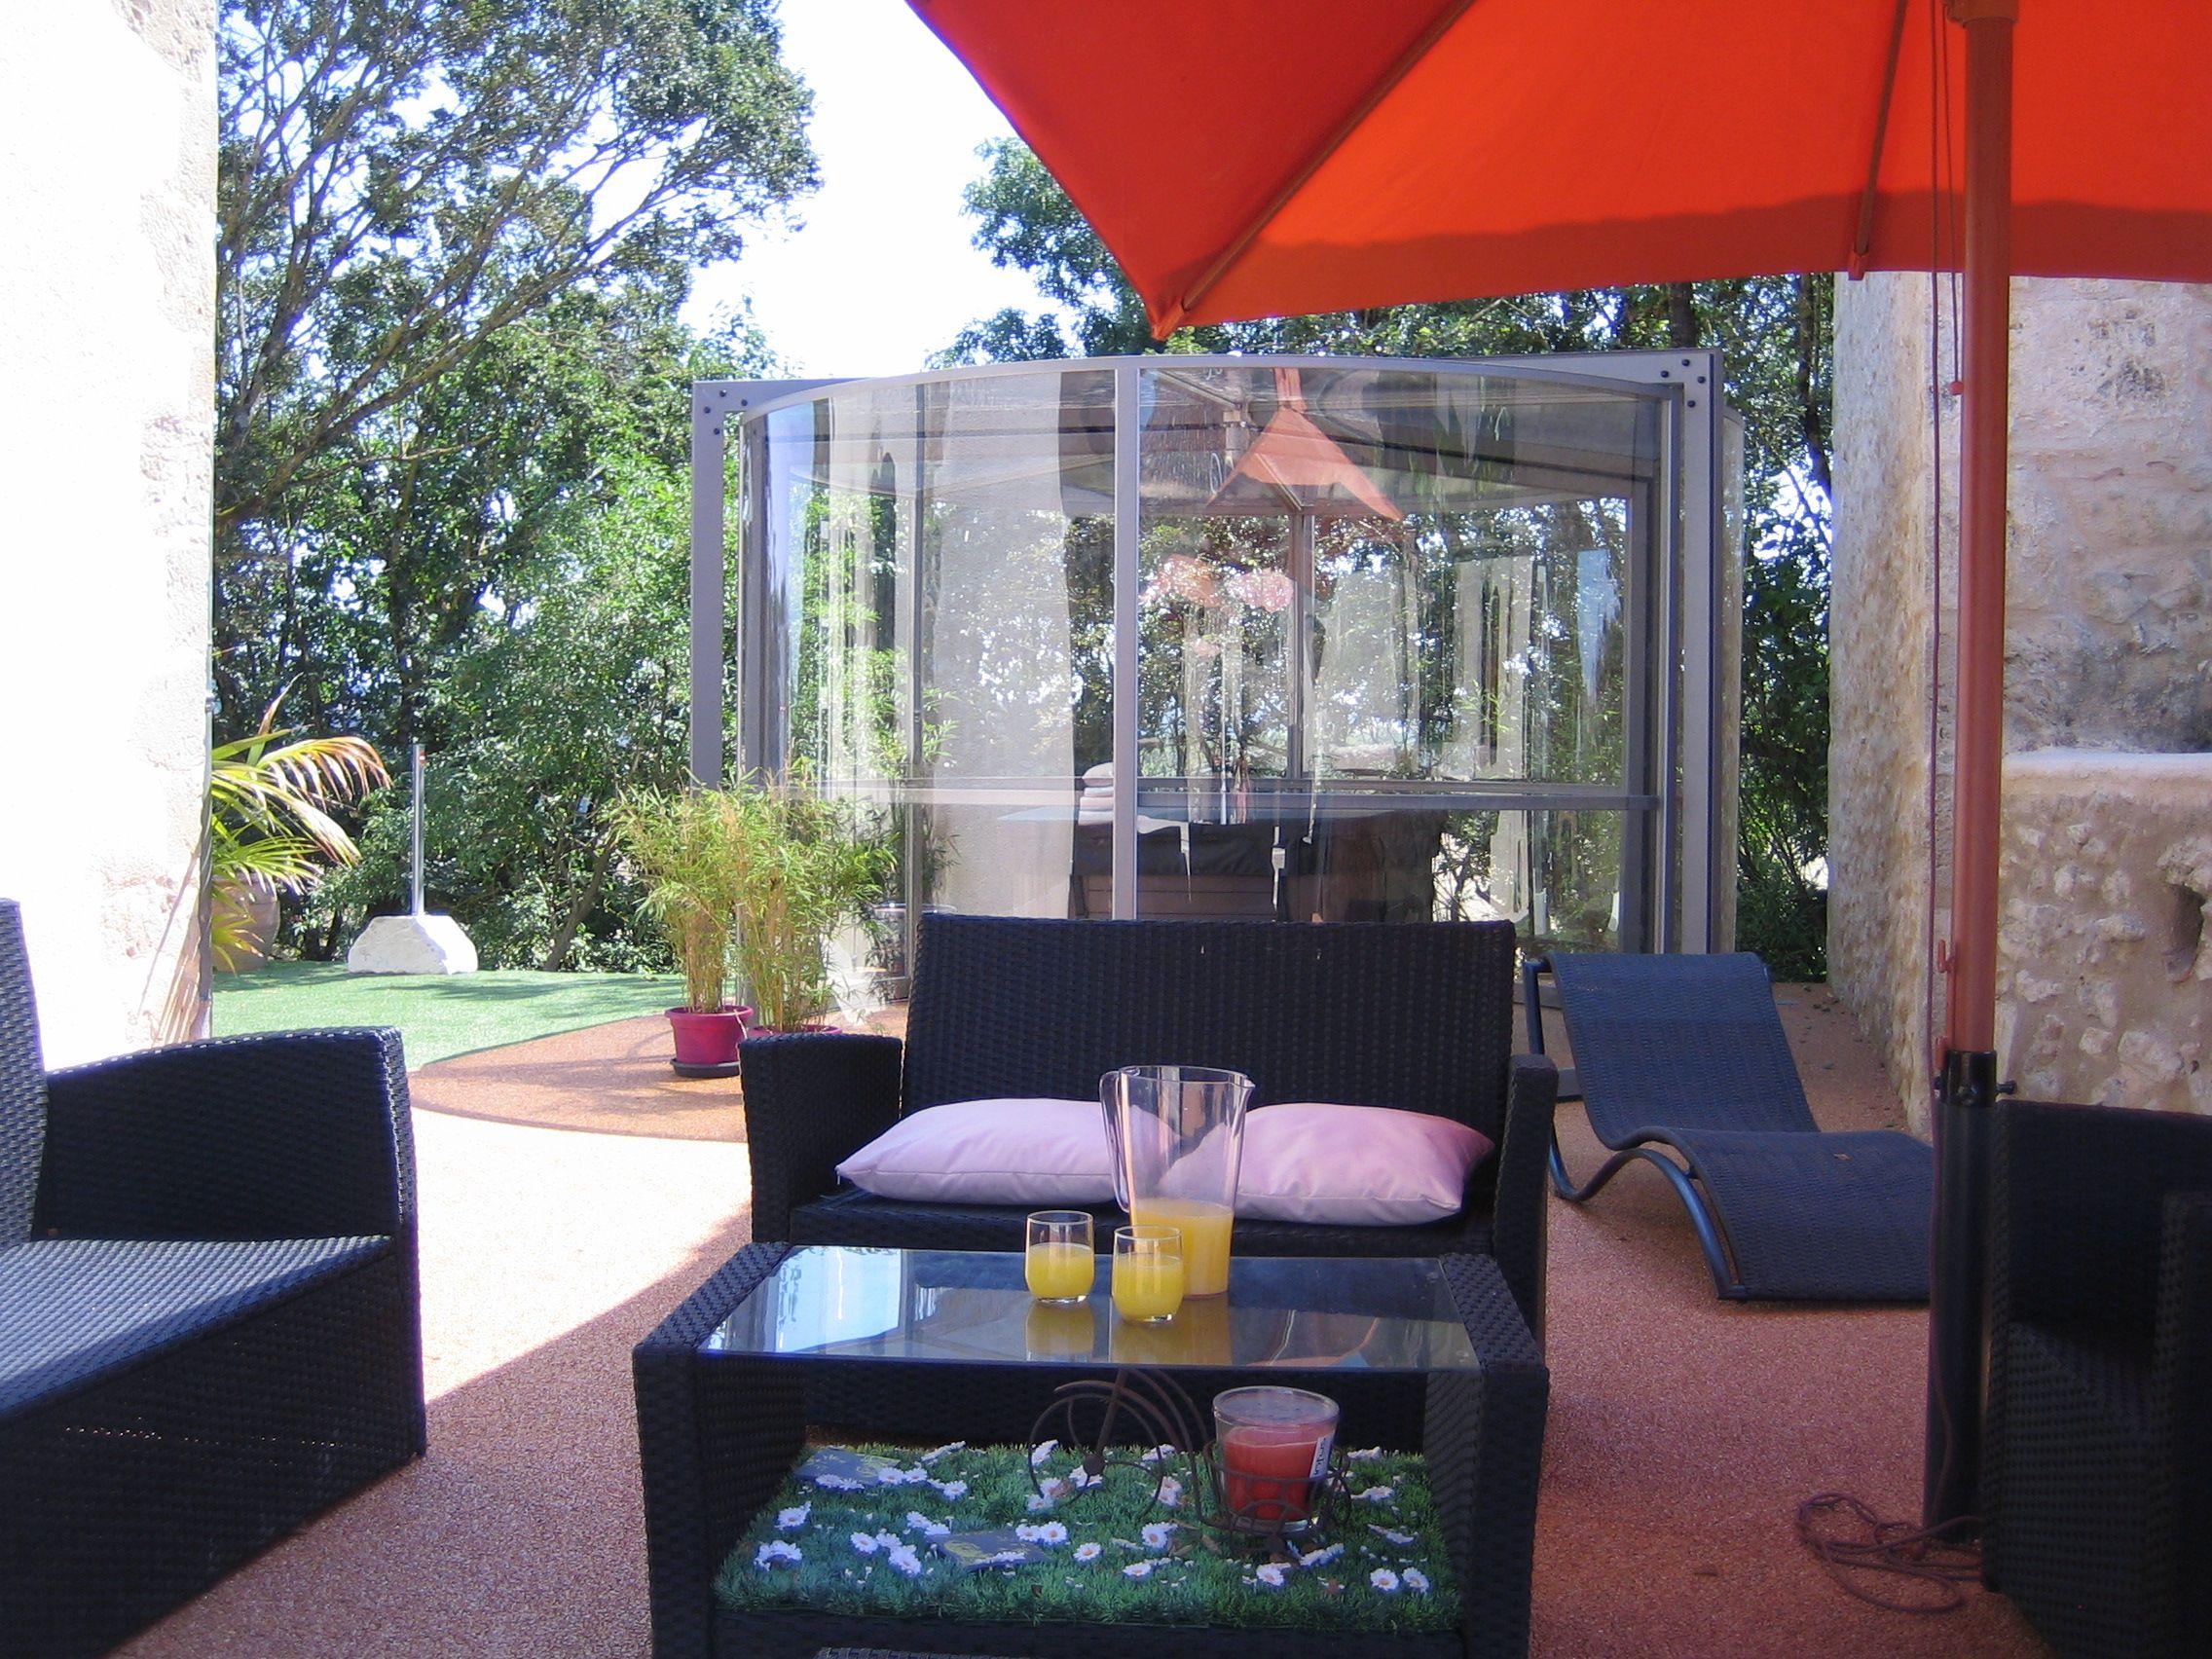 Terrasse Avec Spa Couvert Domaine Le Castagne Auch Gers Chambres D Hotes Domainelecastagne Com Spa Sauna Chambre D Hote Spa